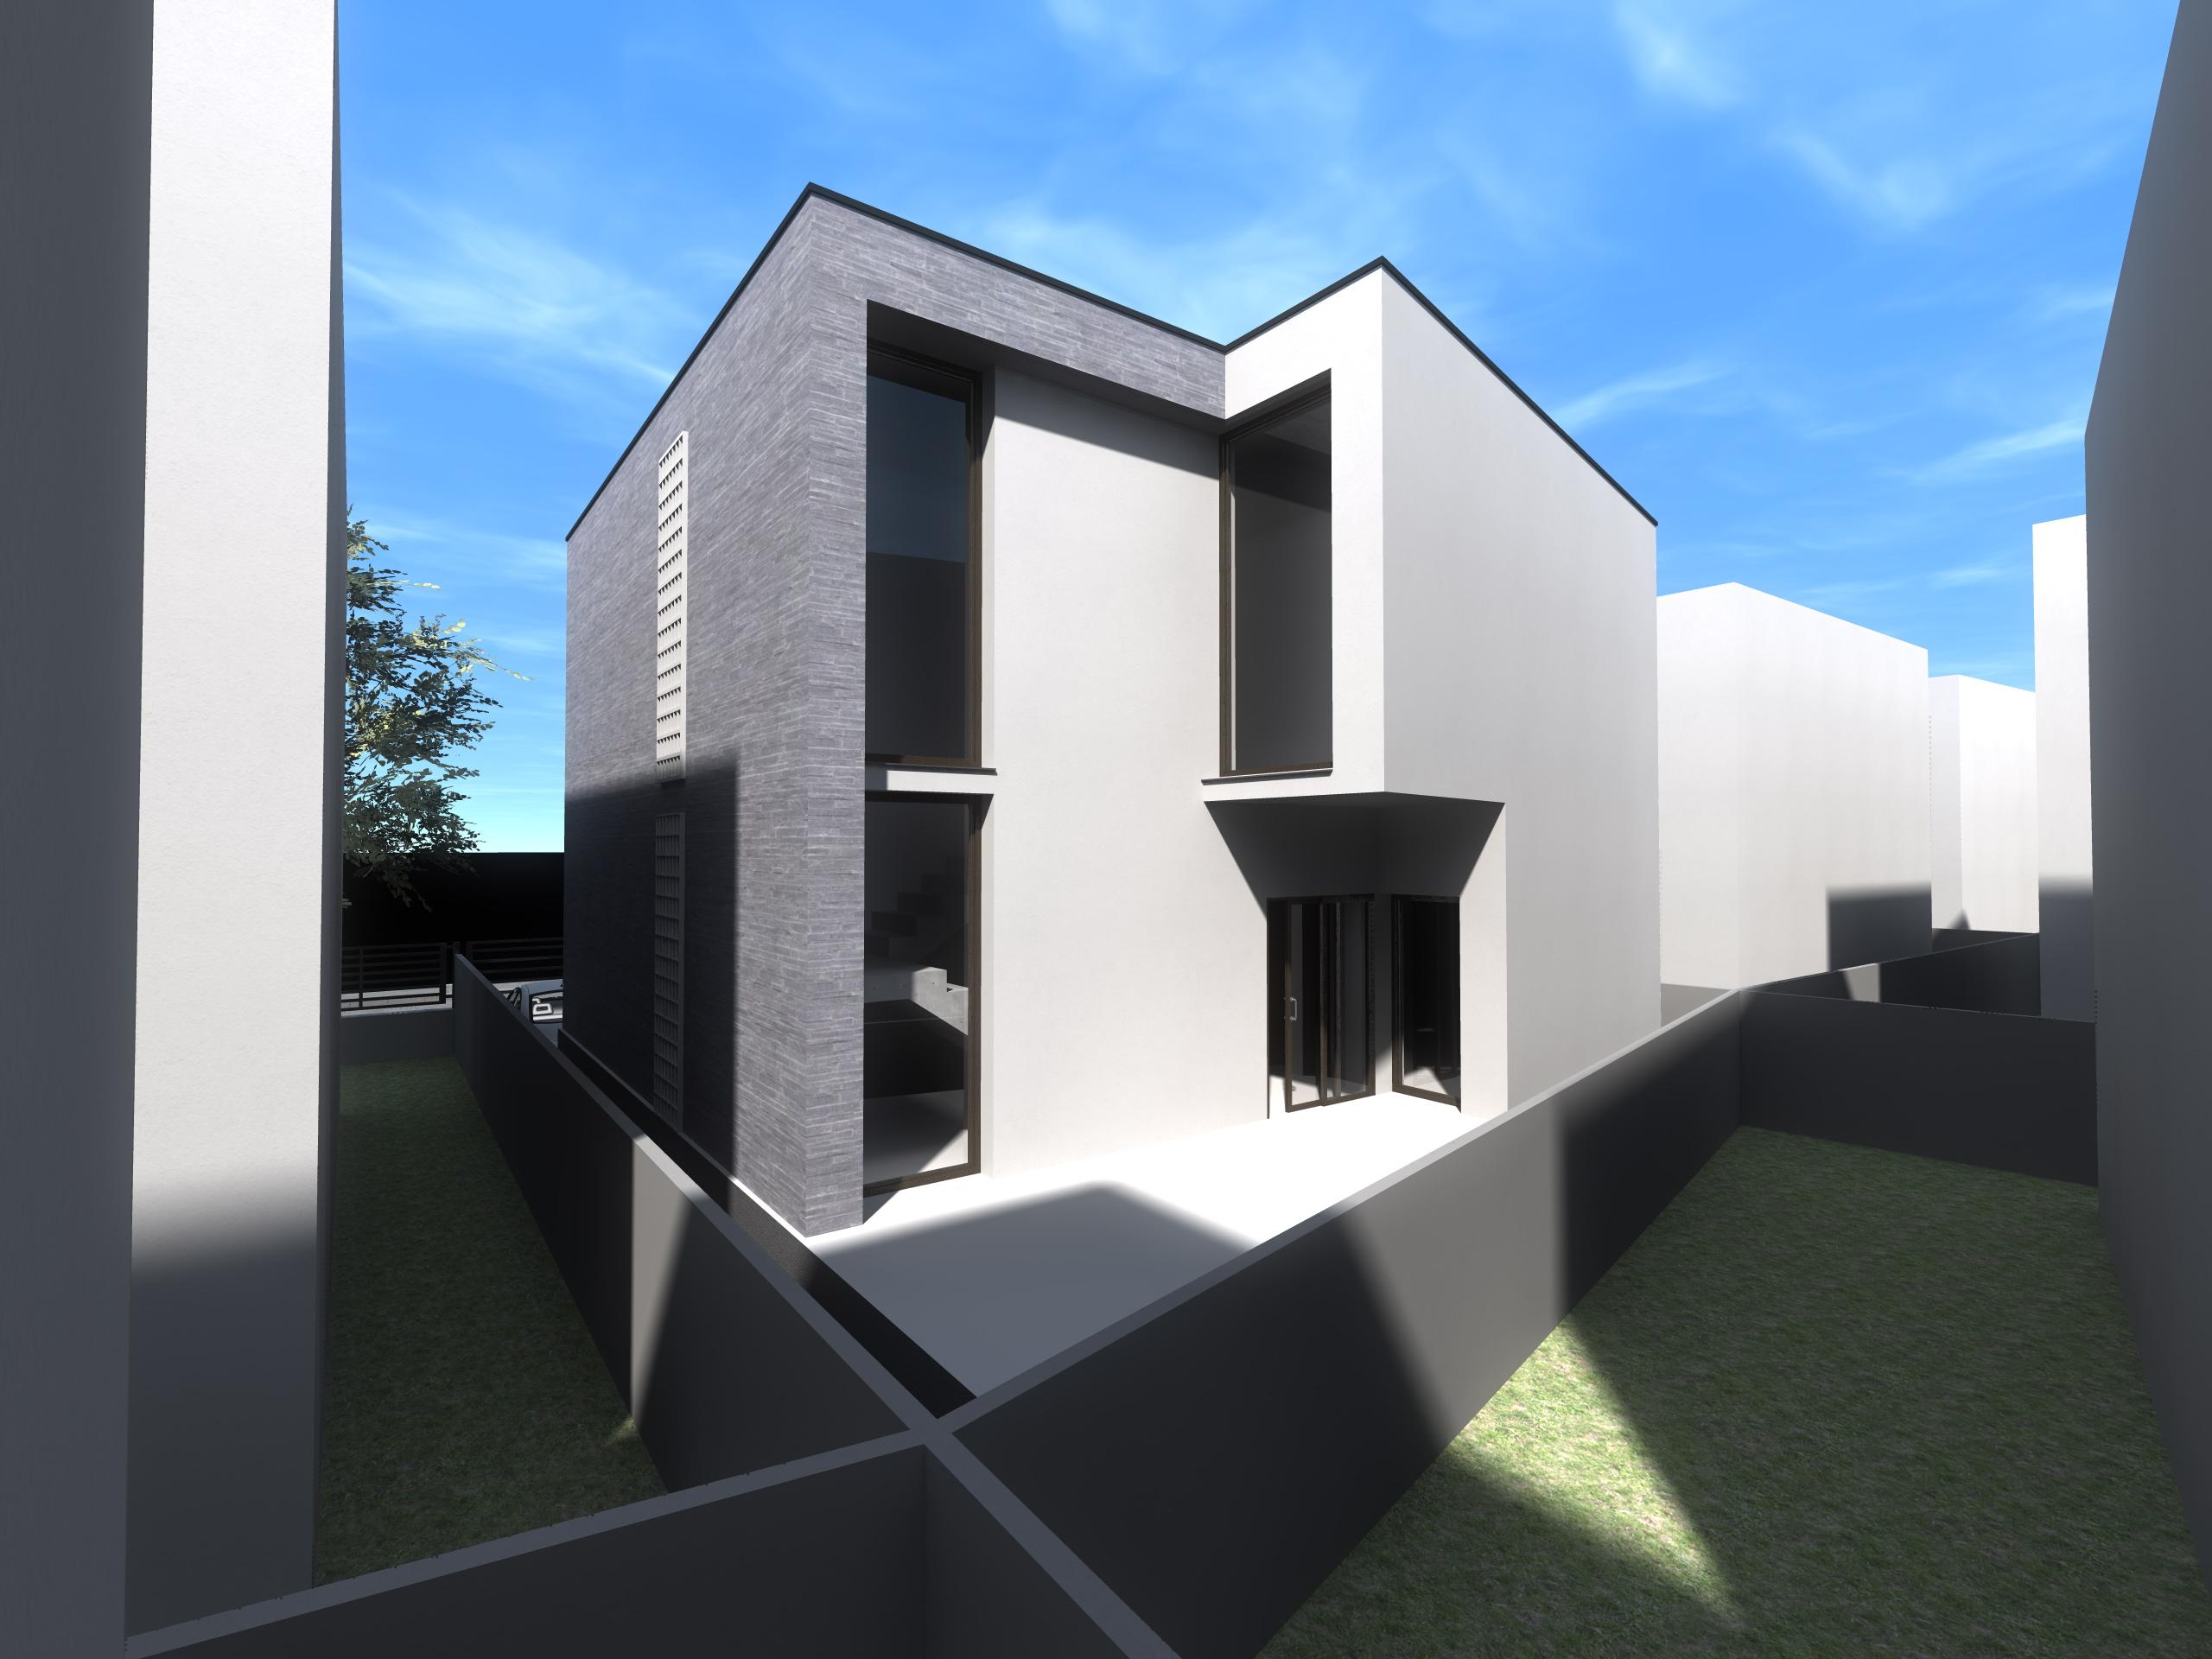 Proiect casa p 1 volum compact for Casa moderna 1 11 2